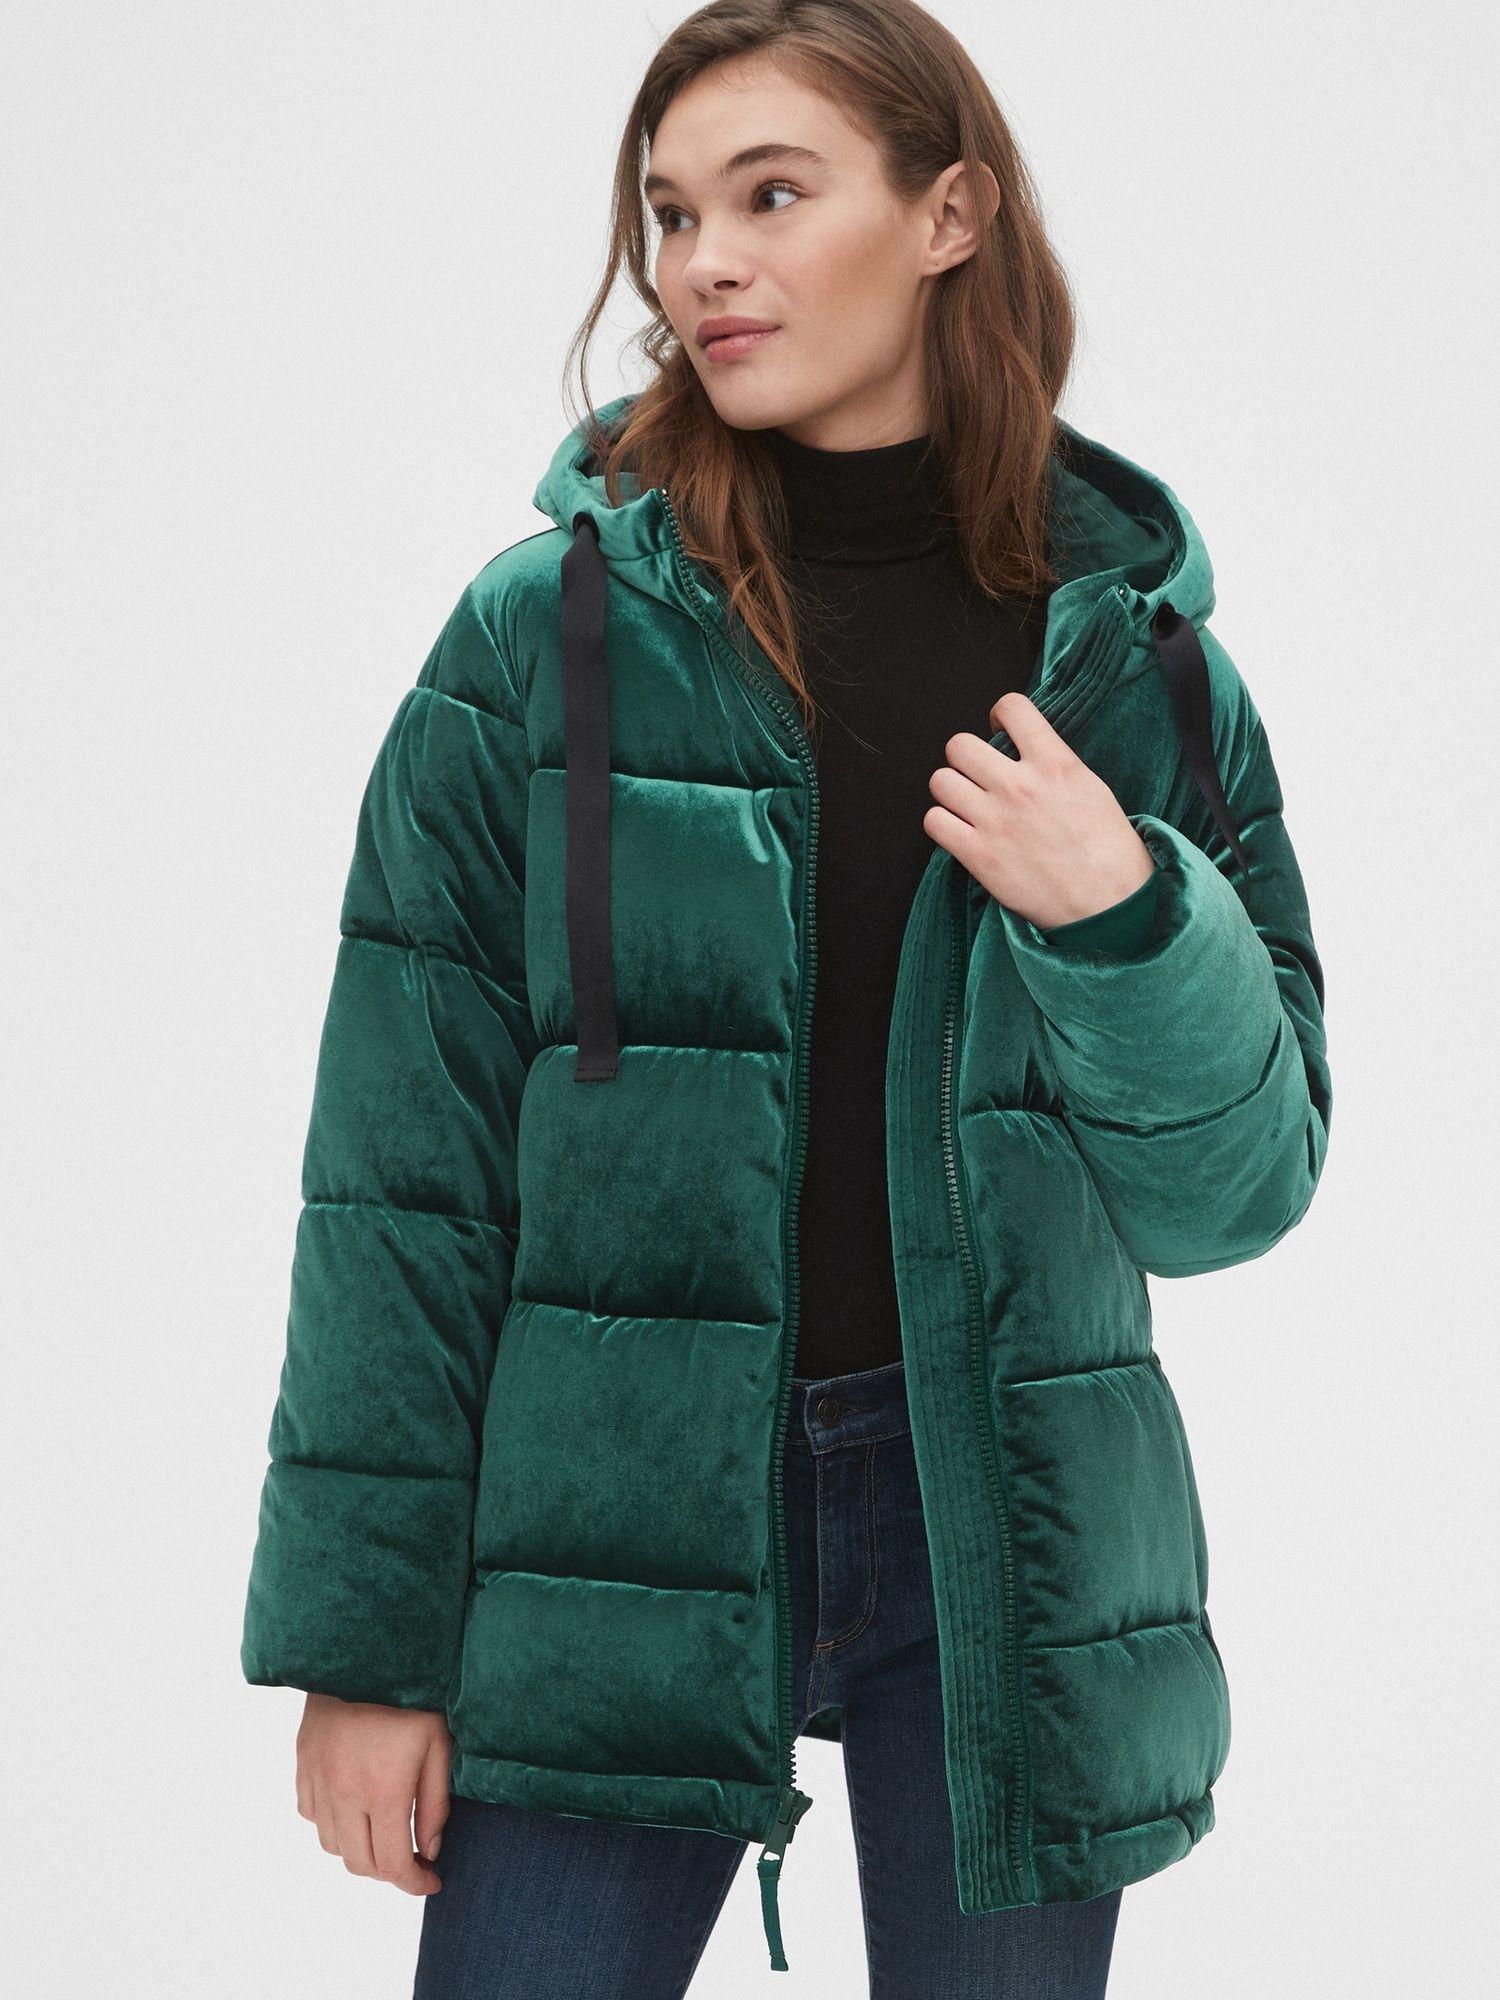 Gap Women S Coldcontrol Max Hooded Velvet Puffer Jacket Greenery Puffer Jackets Jackets Puffer [ 2000 x 1500 Pixel ]